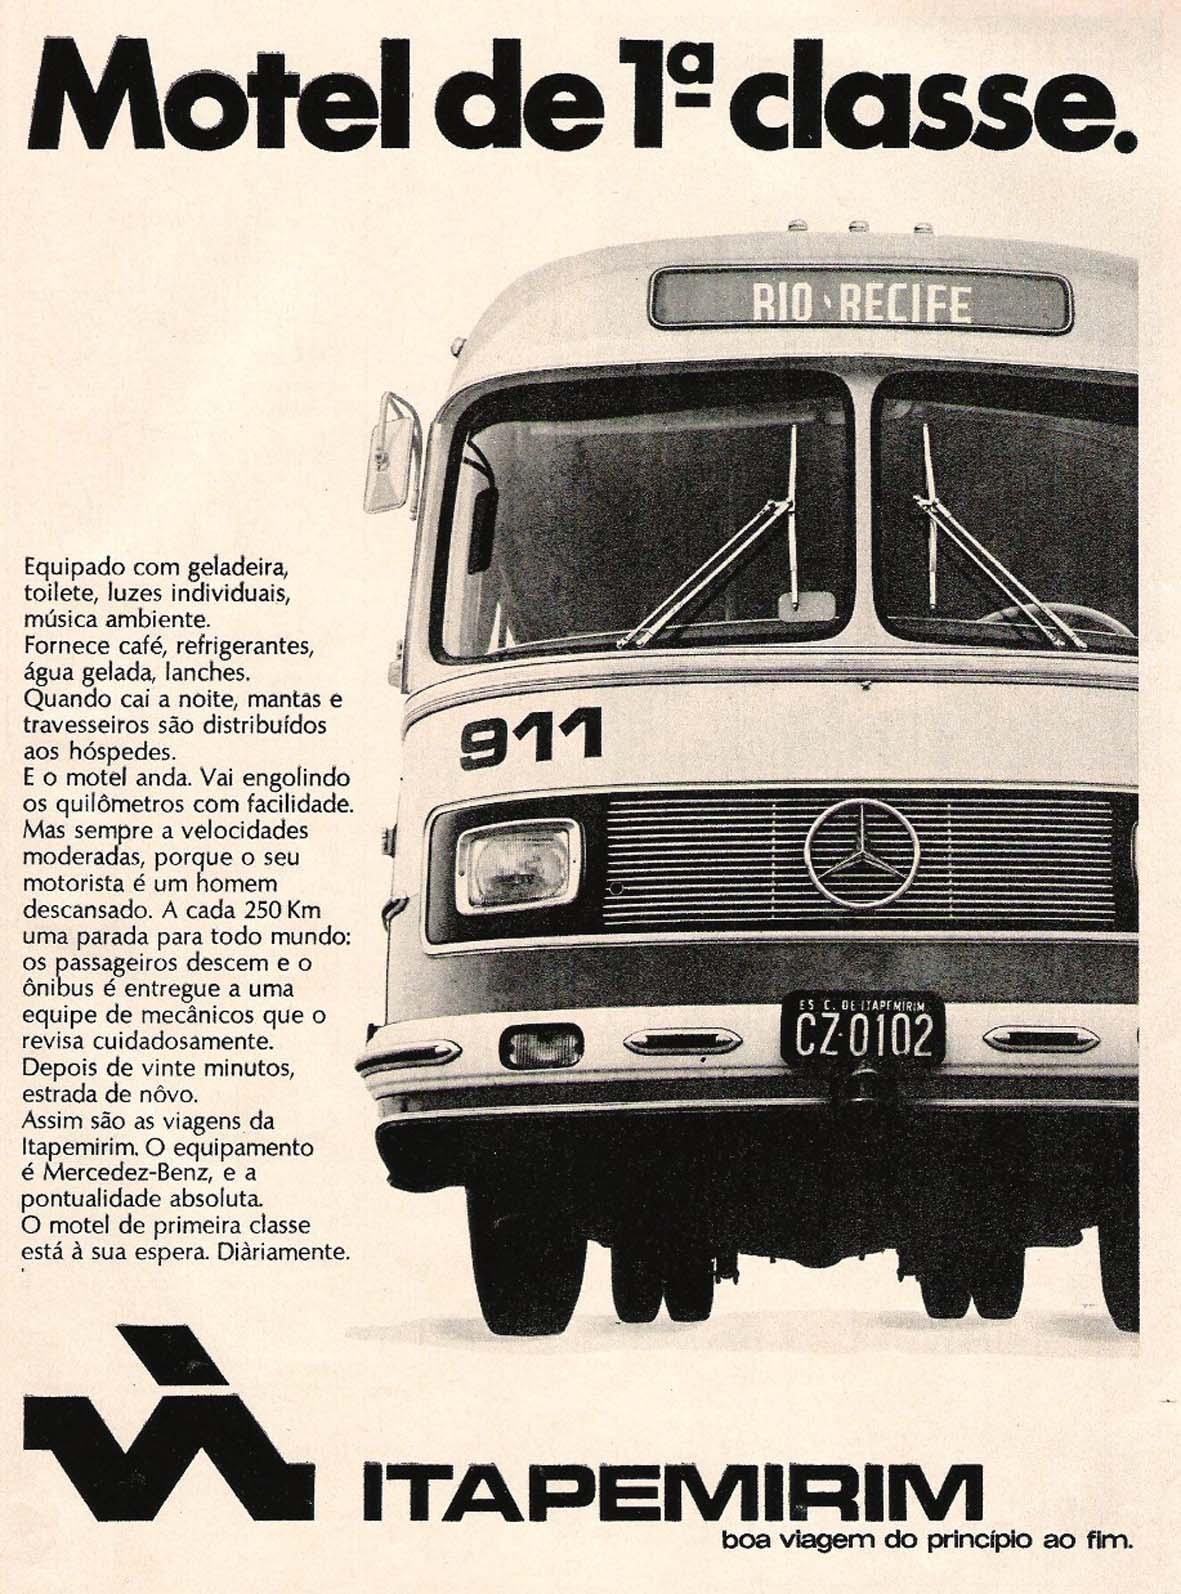 Campanha da Viação Itapemirim nos anos 70 que comparava a qualidade dos seus ônibus com um motel